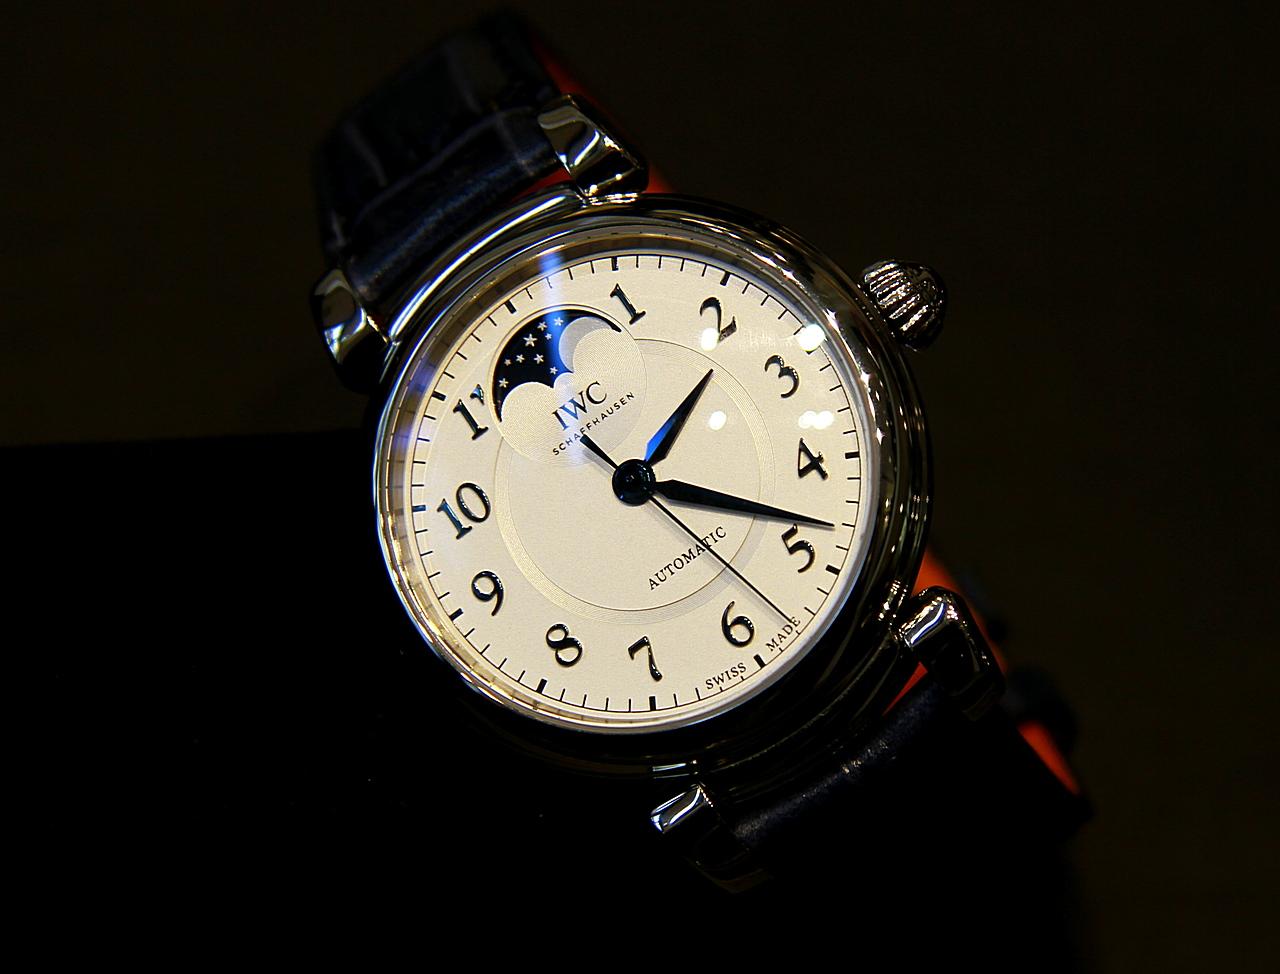 IWC_Da-Vinci_Automatic-36-40-0-100_6